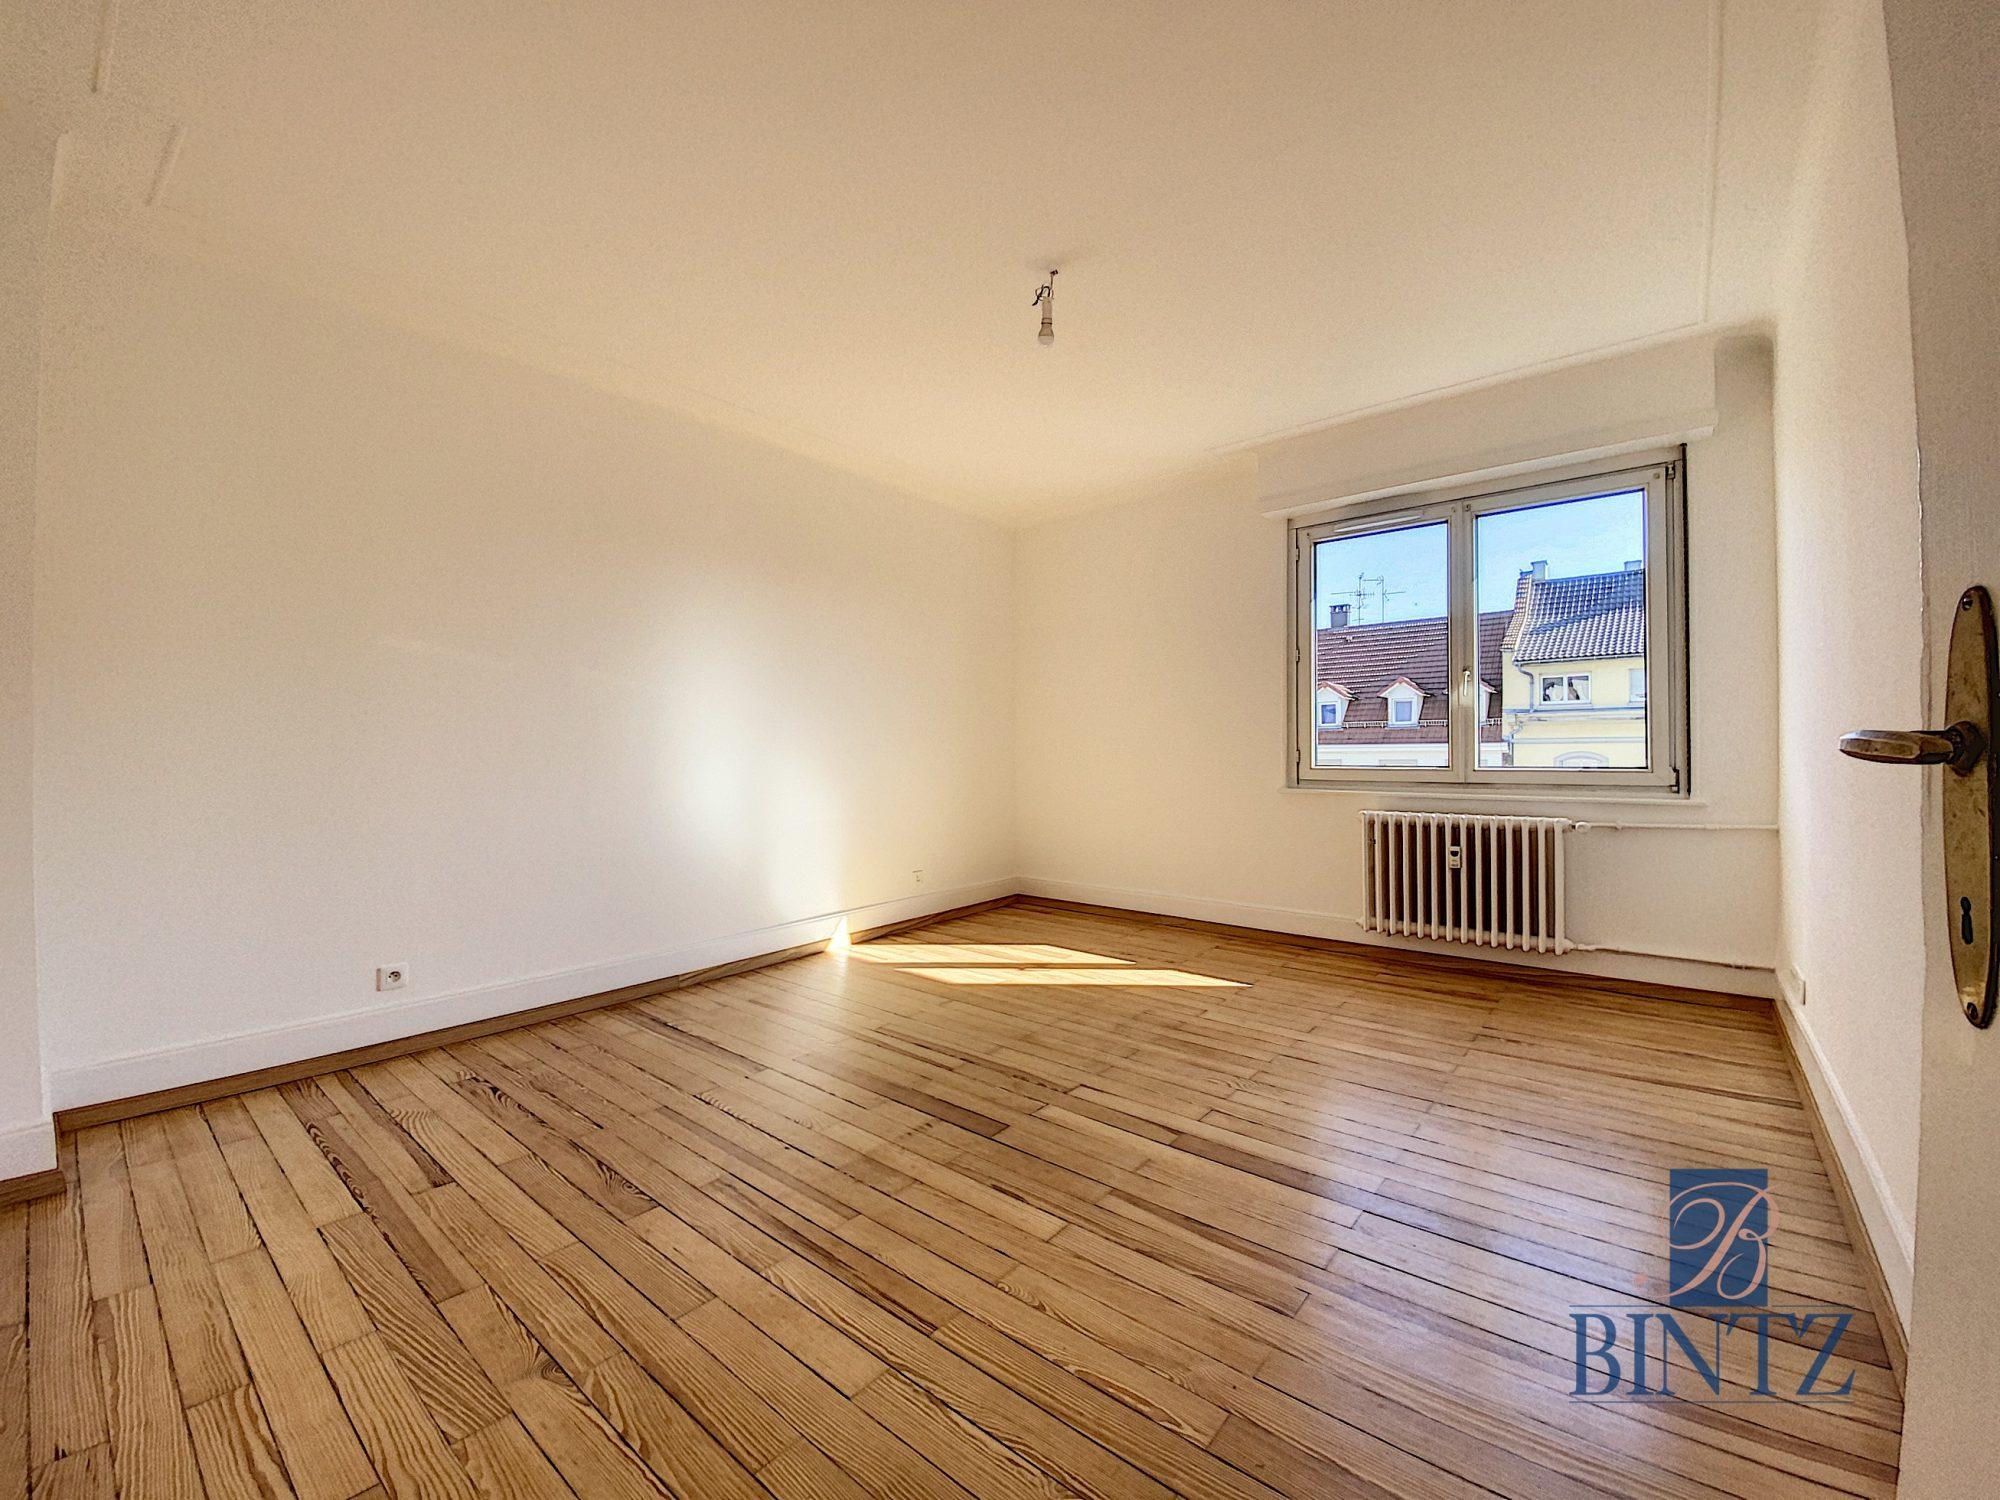 2 PIECES REFAIT A NEUF - Devenez locataire en toute sérénité - Bintz Immobilier - 11